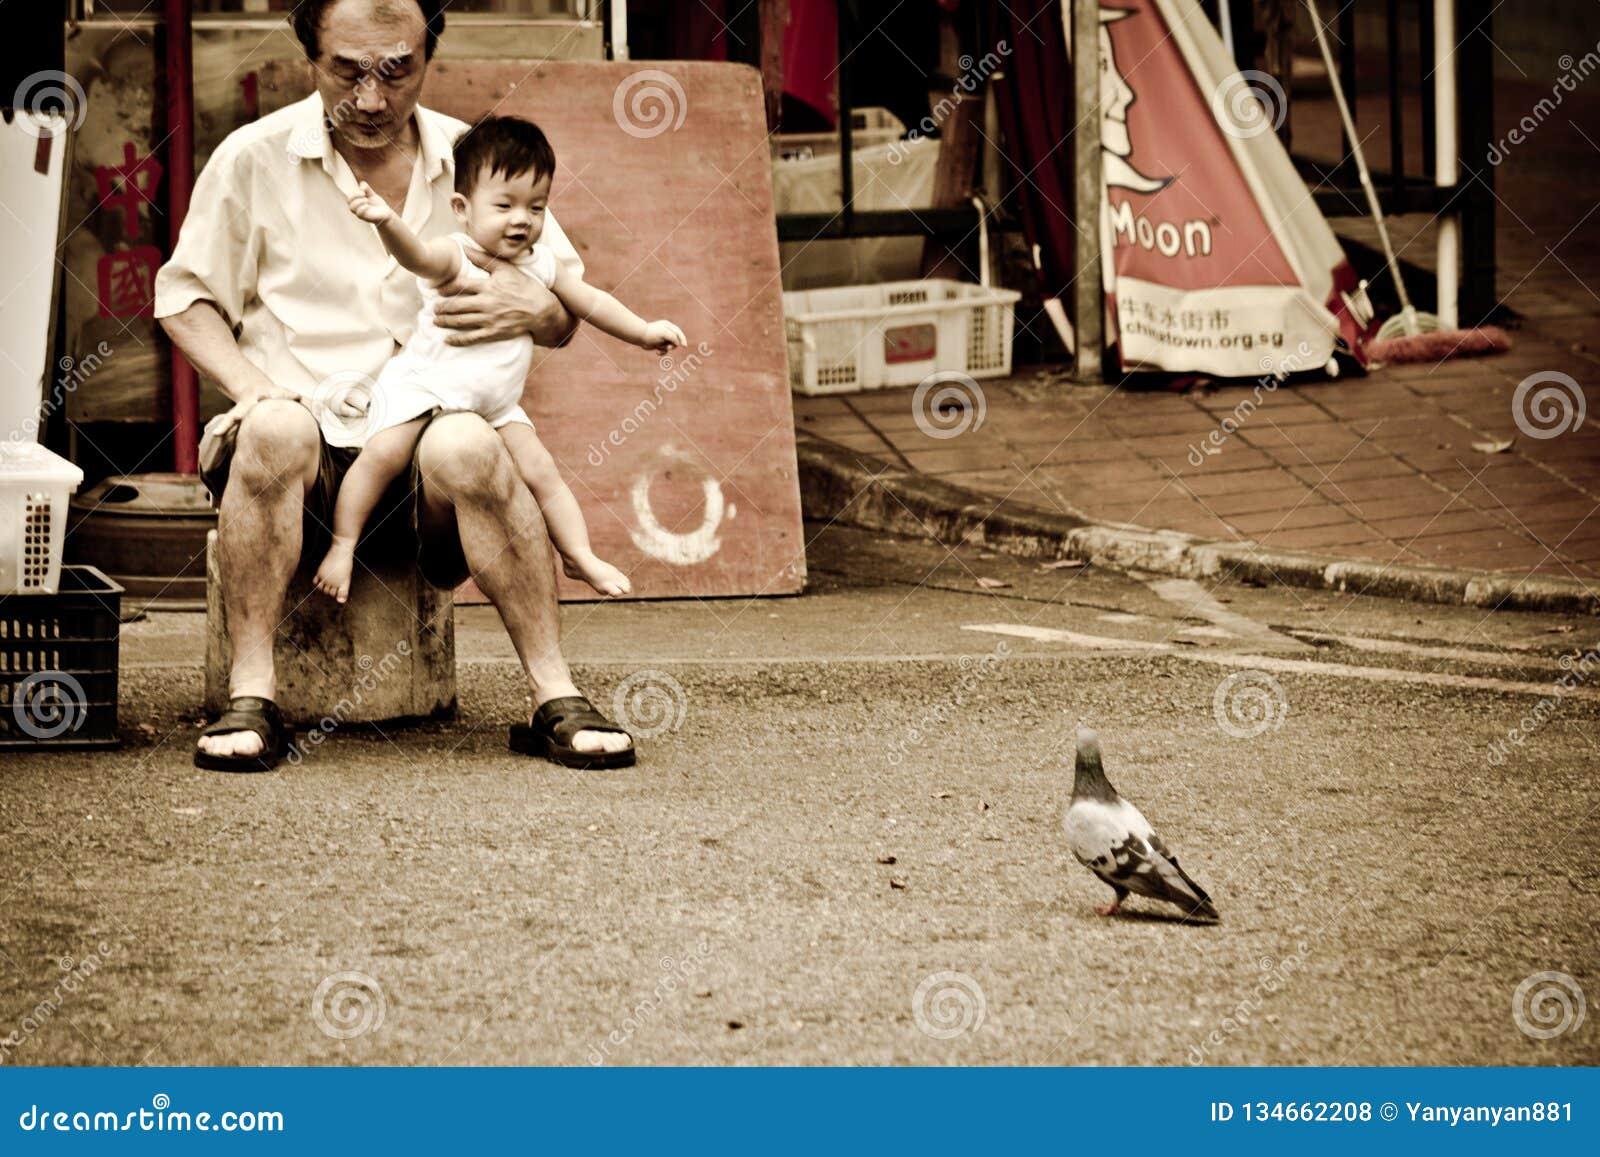 Китайский человек носит ребенка который будет в восторге птицей